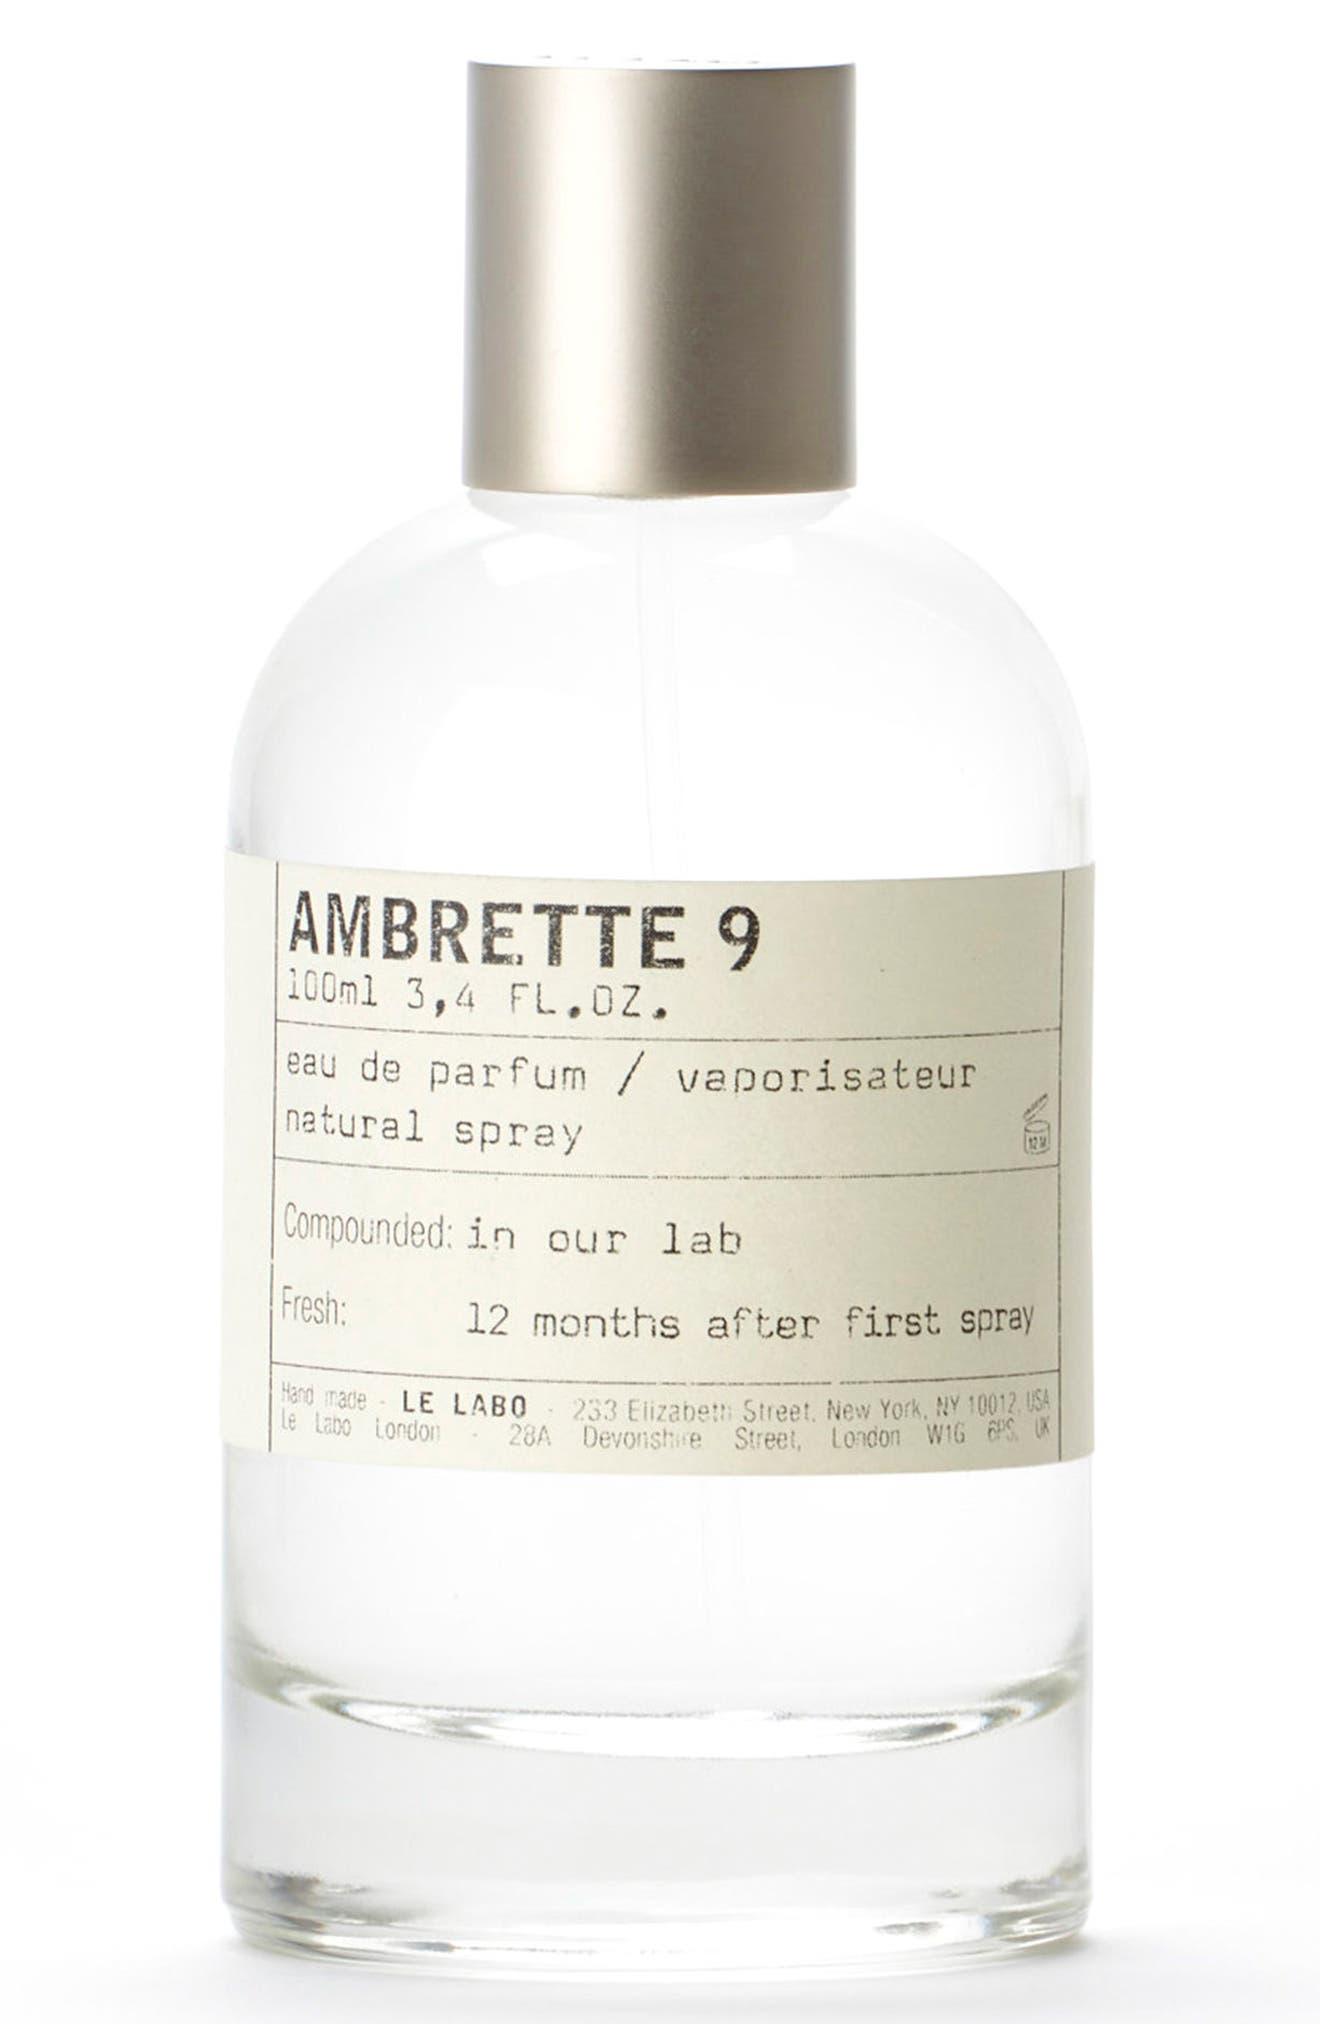 Le Labo 'Ambrette 9' Eau de Parfum